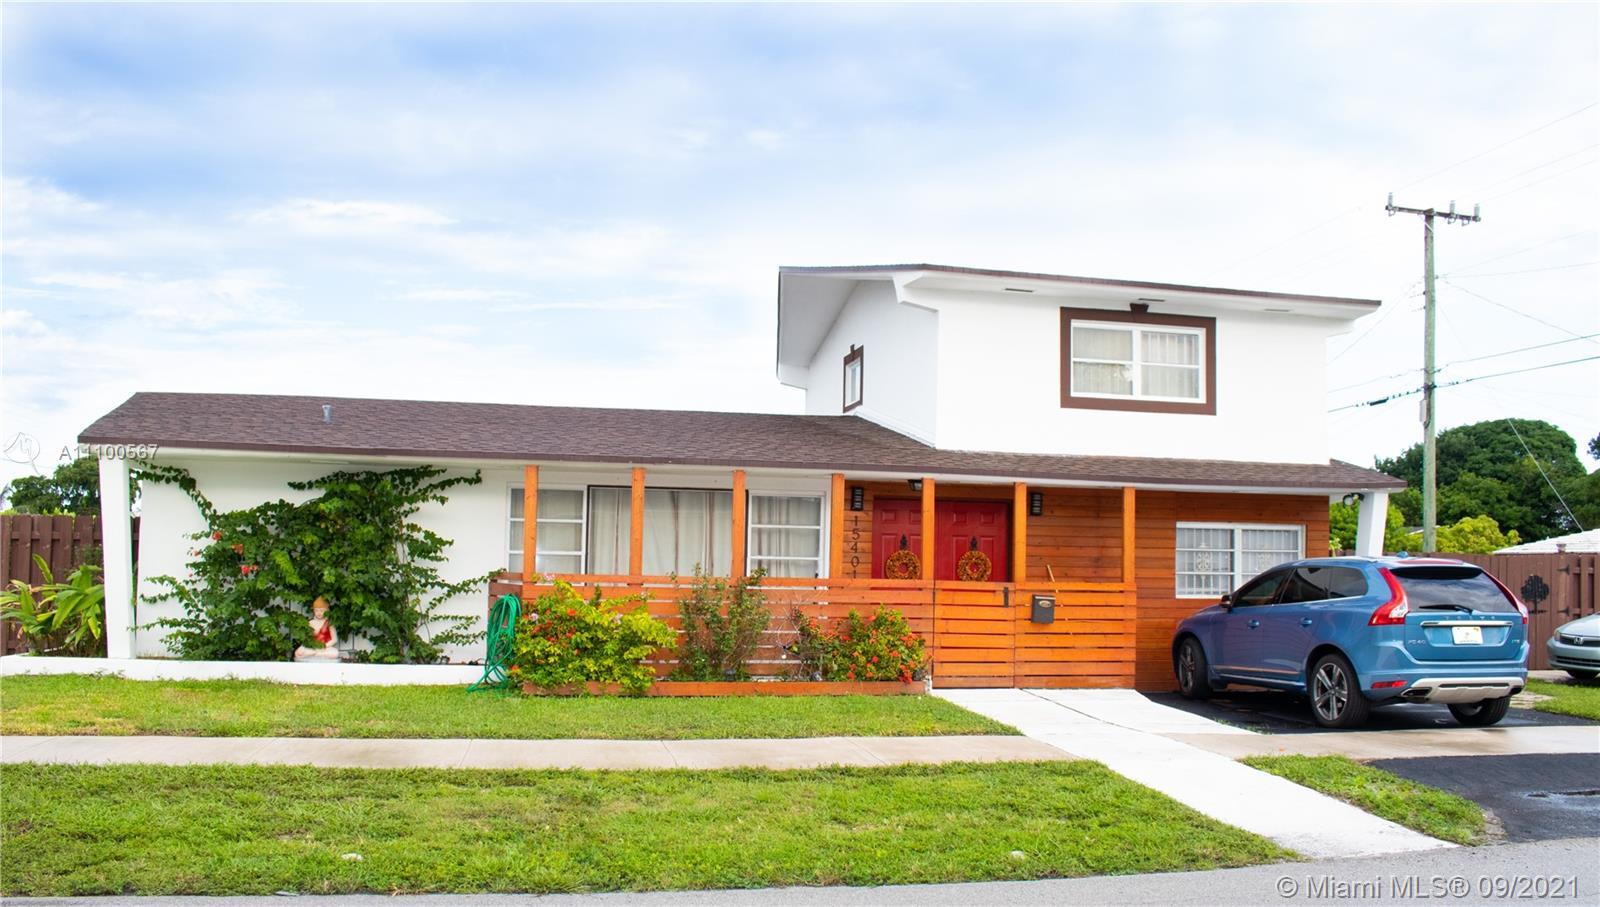 Single Family Home For Sale RAINBOW PARK1,828 Sqft